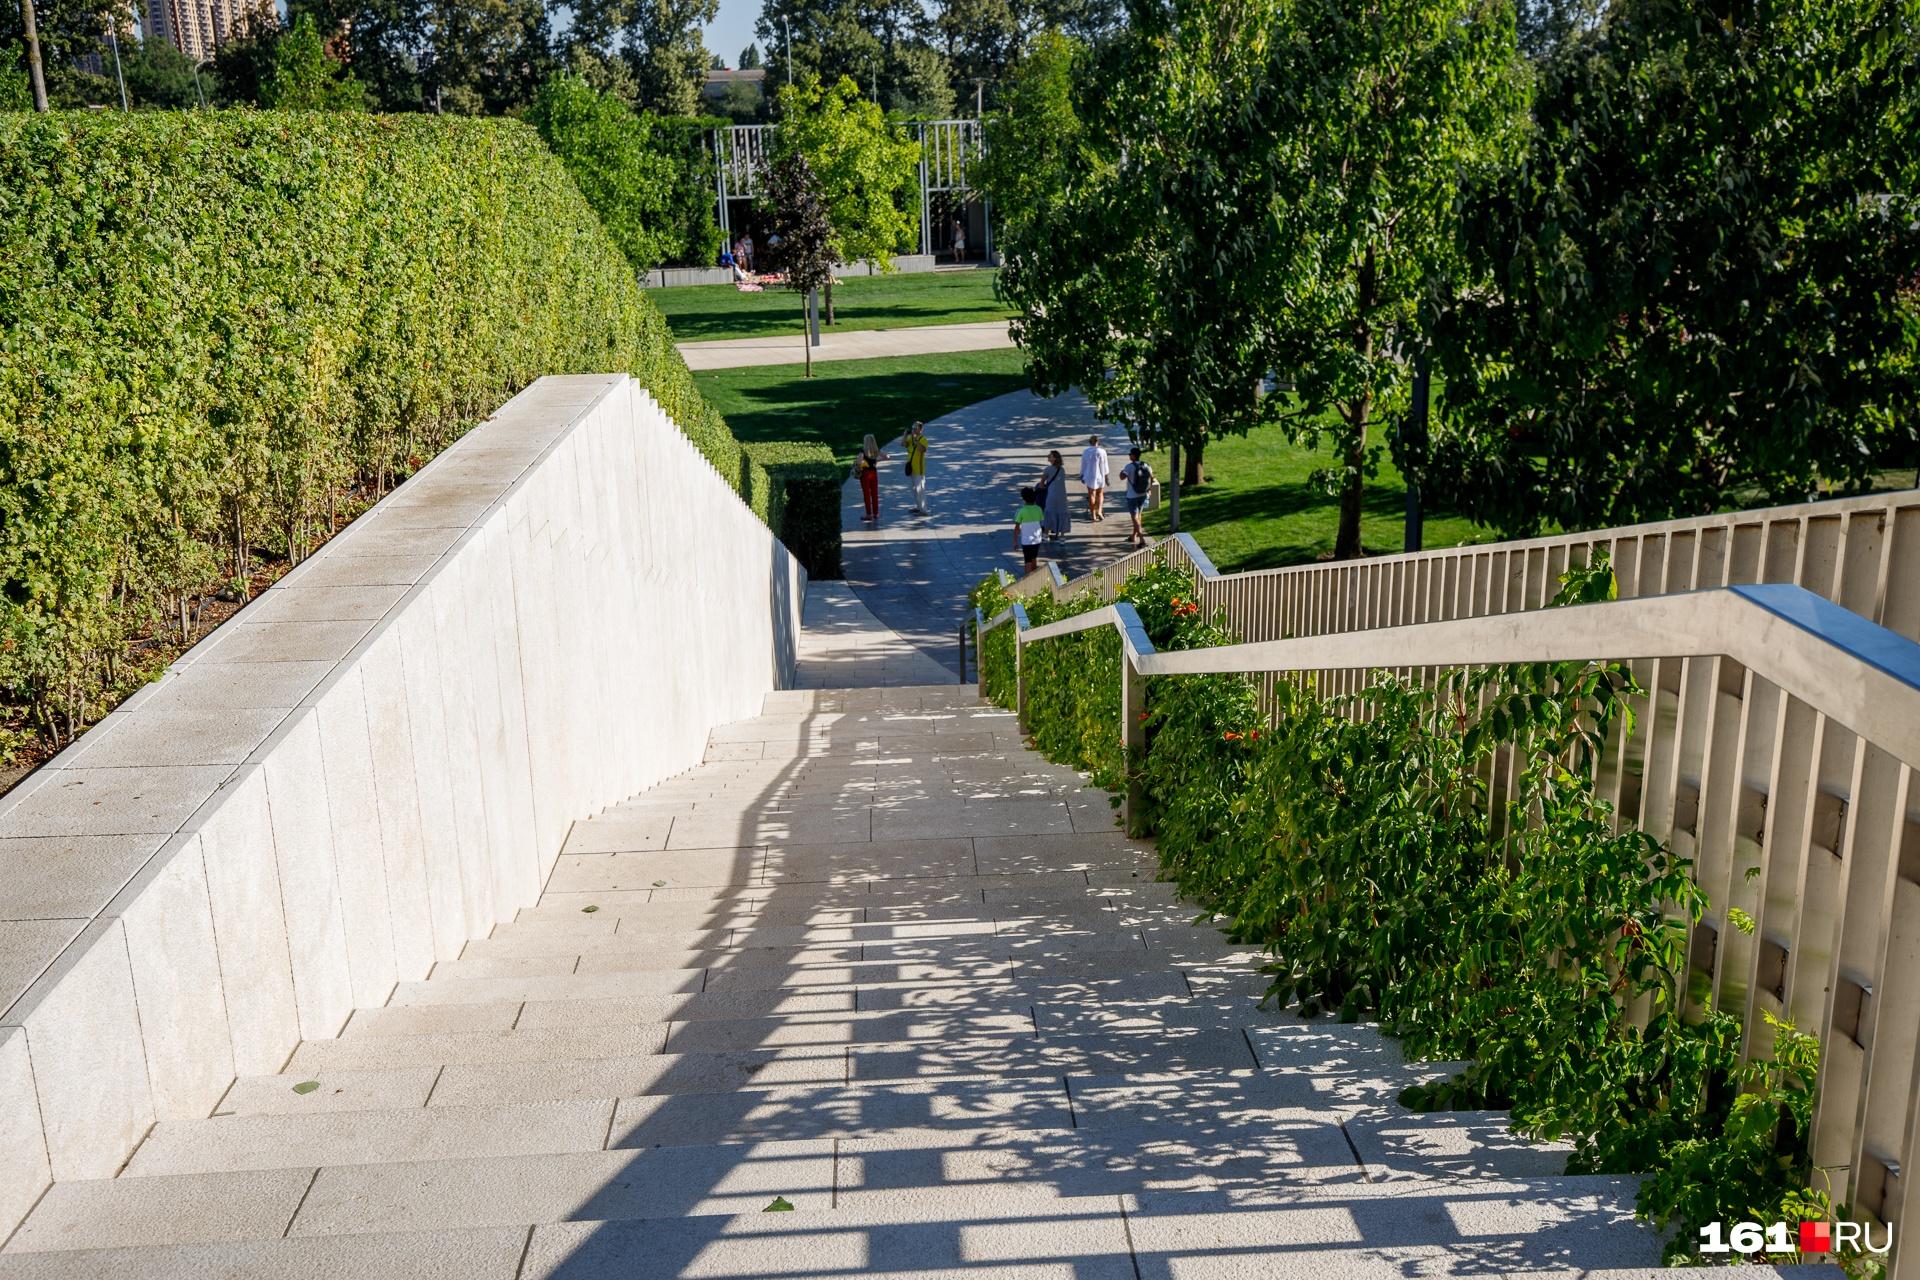 В парке есть несколько зон, между которыми можно перемещаться по лестницам